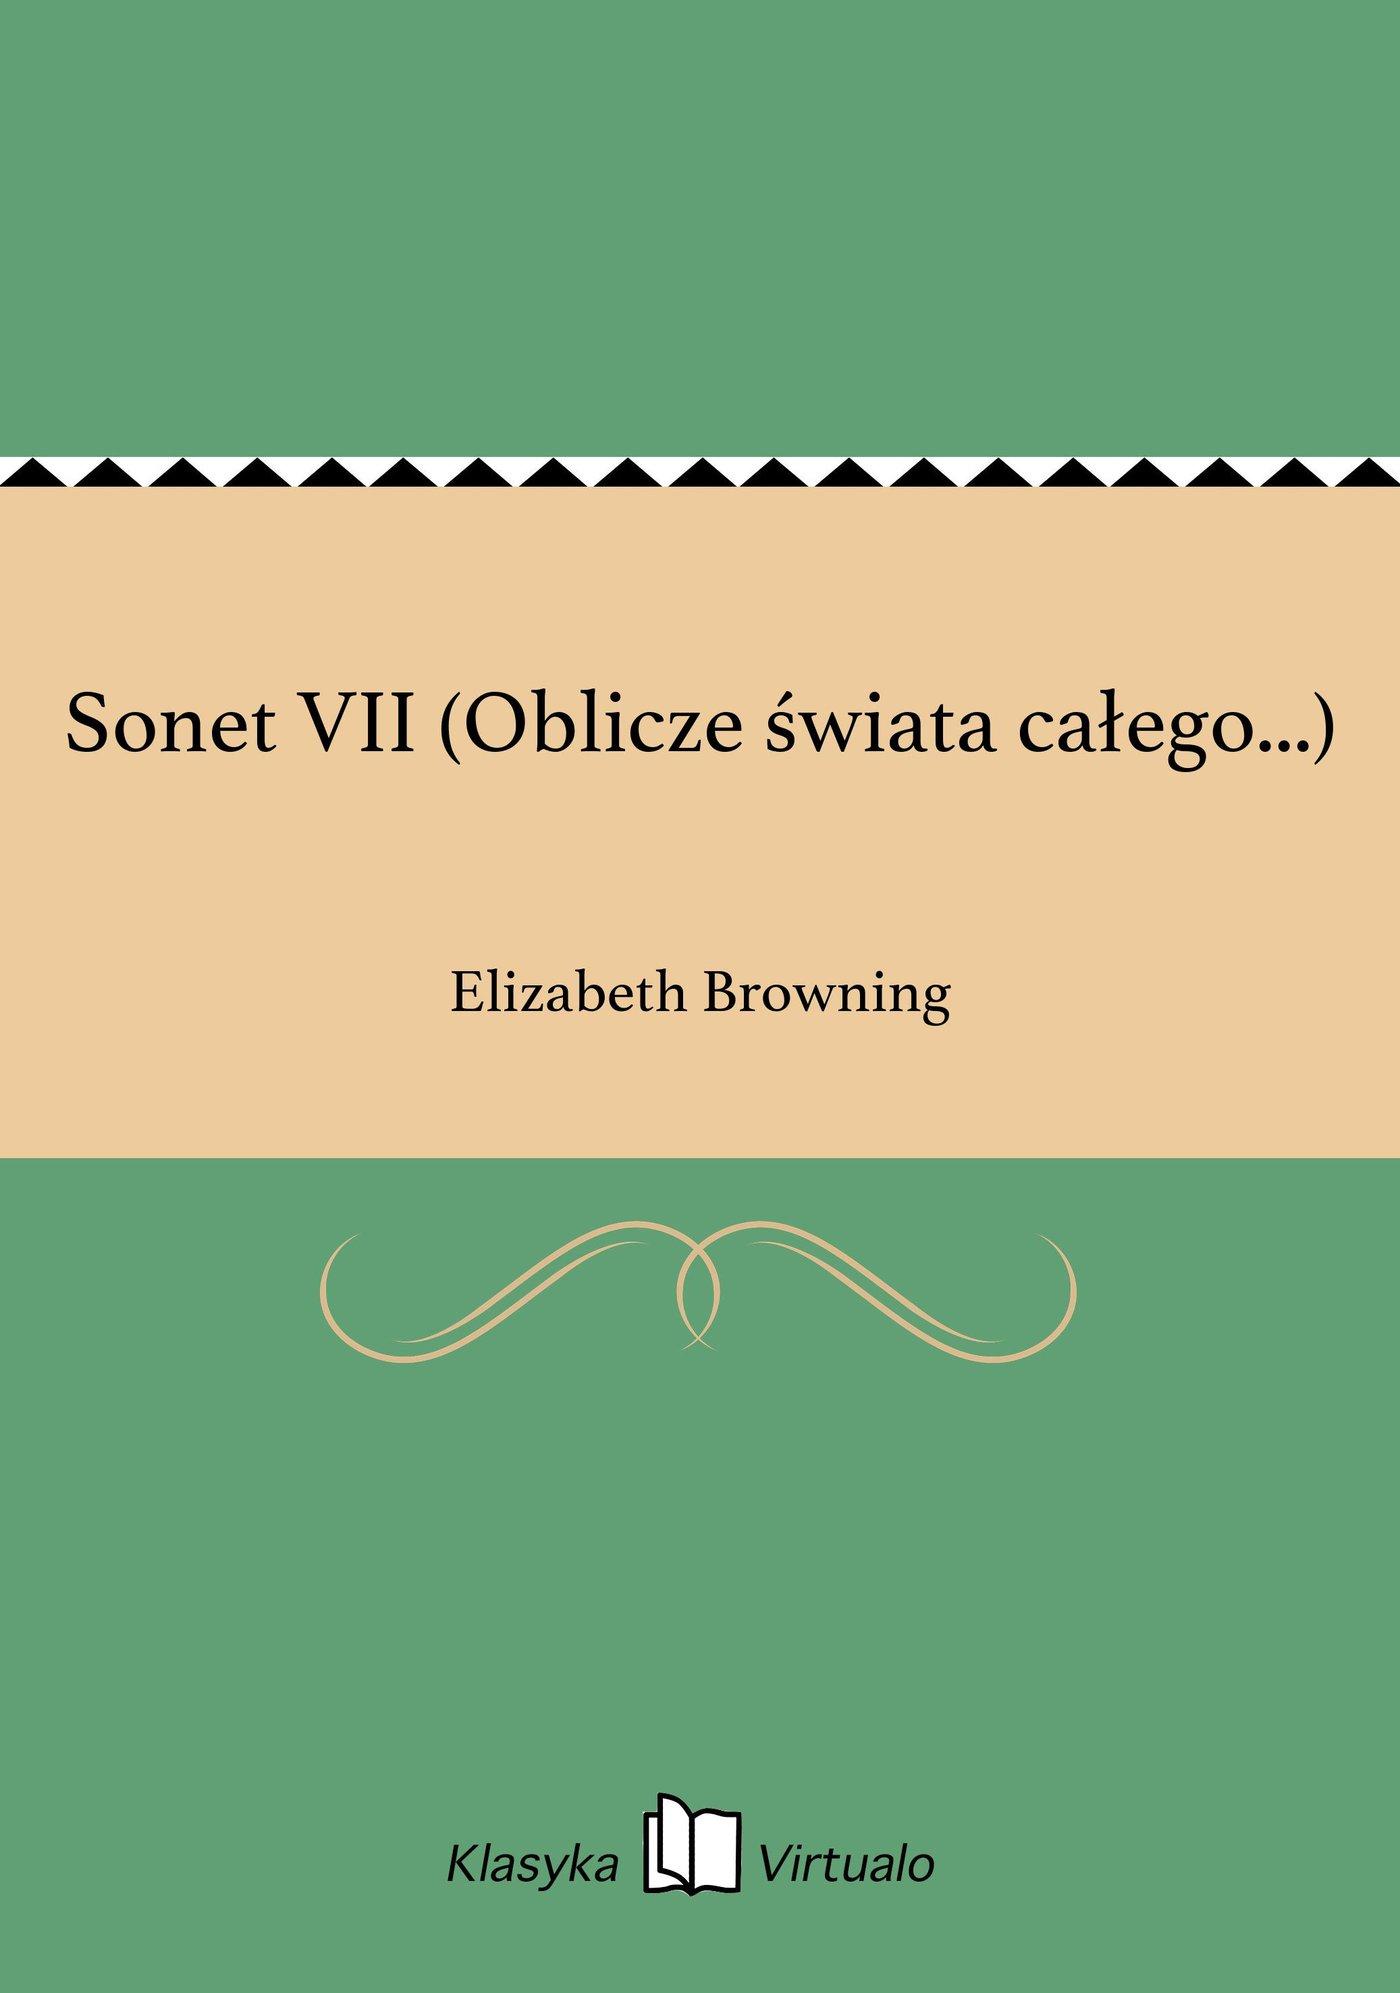 Sonet VII (Oblicze świata całego...) - Ebook (Książka EPUB) do pobrania w formacie EPUB